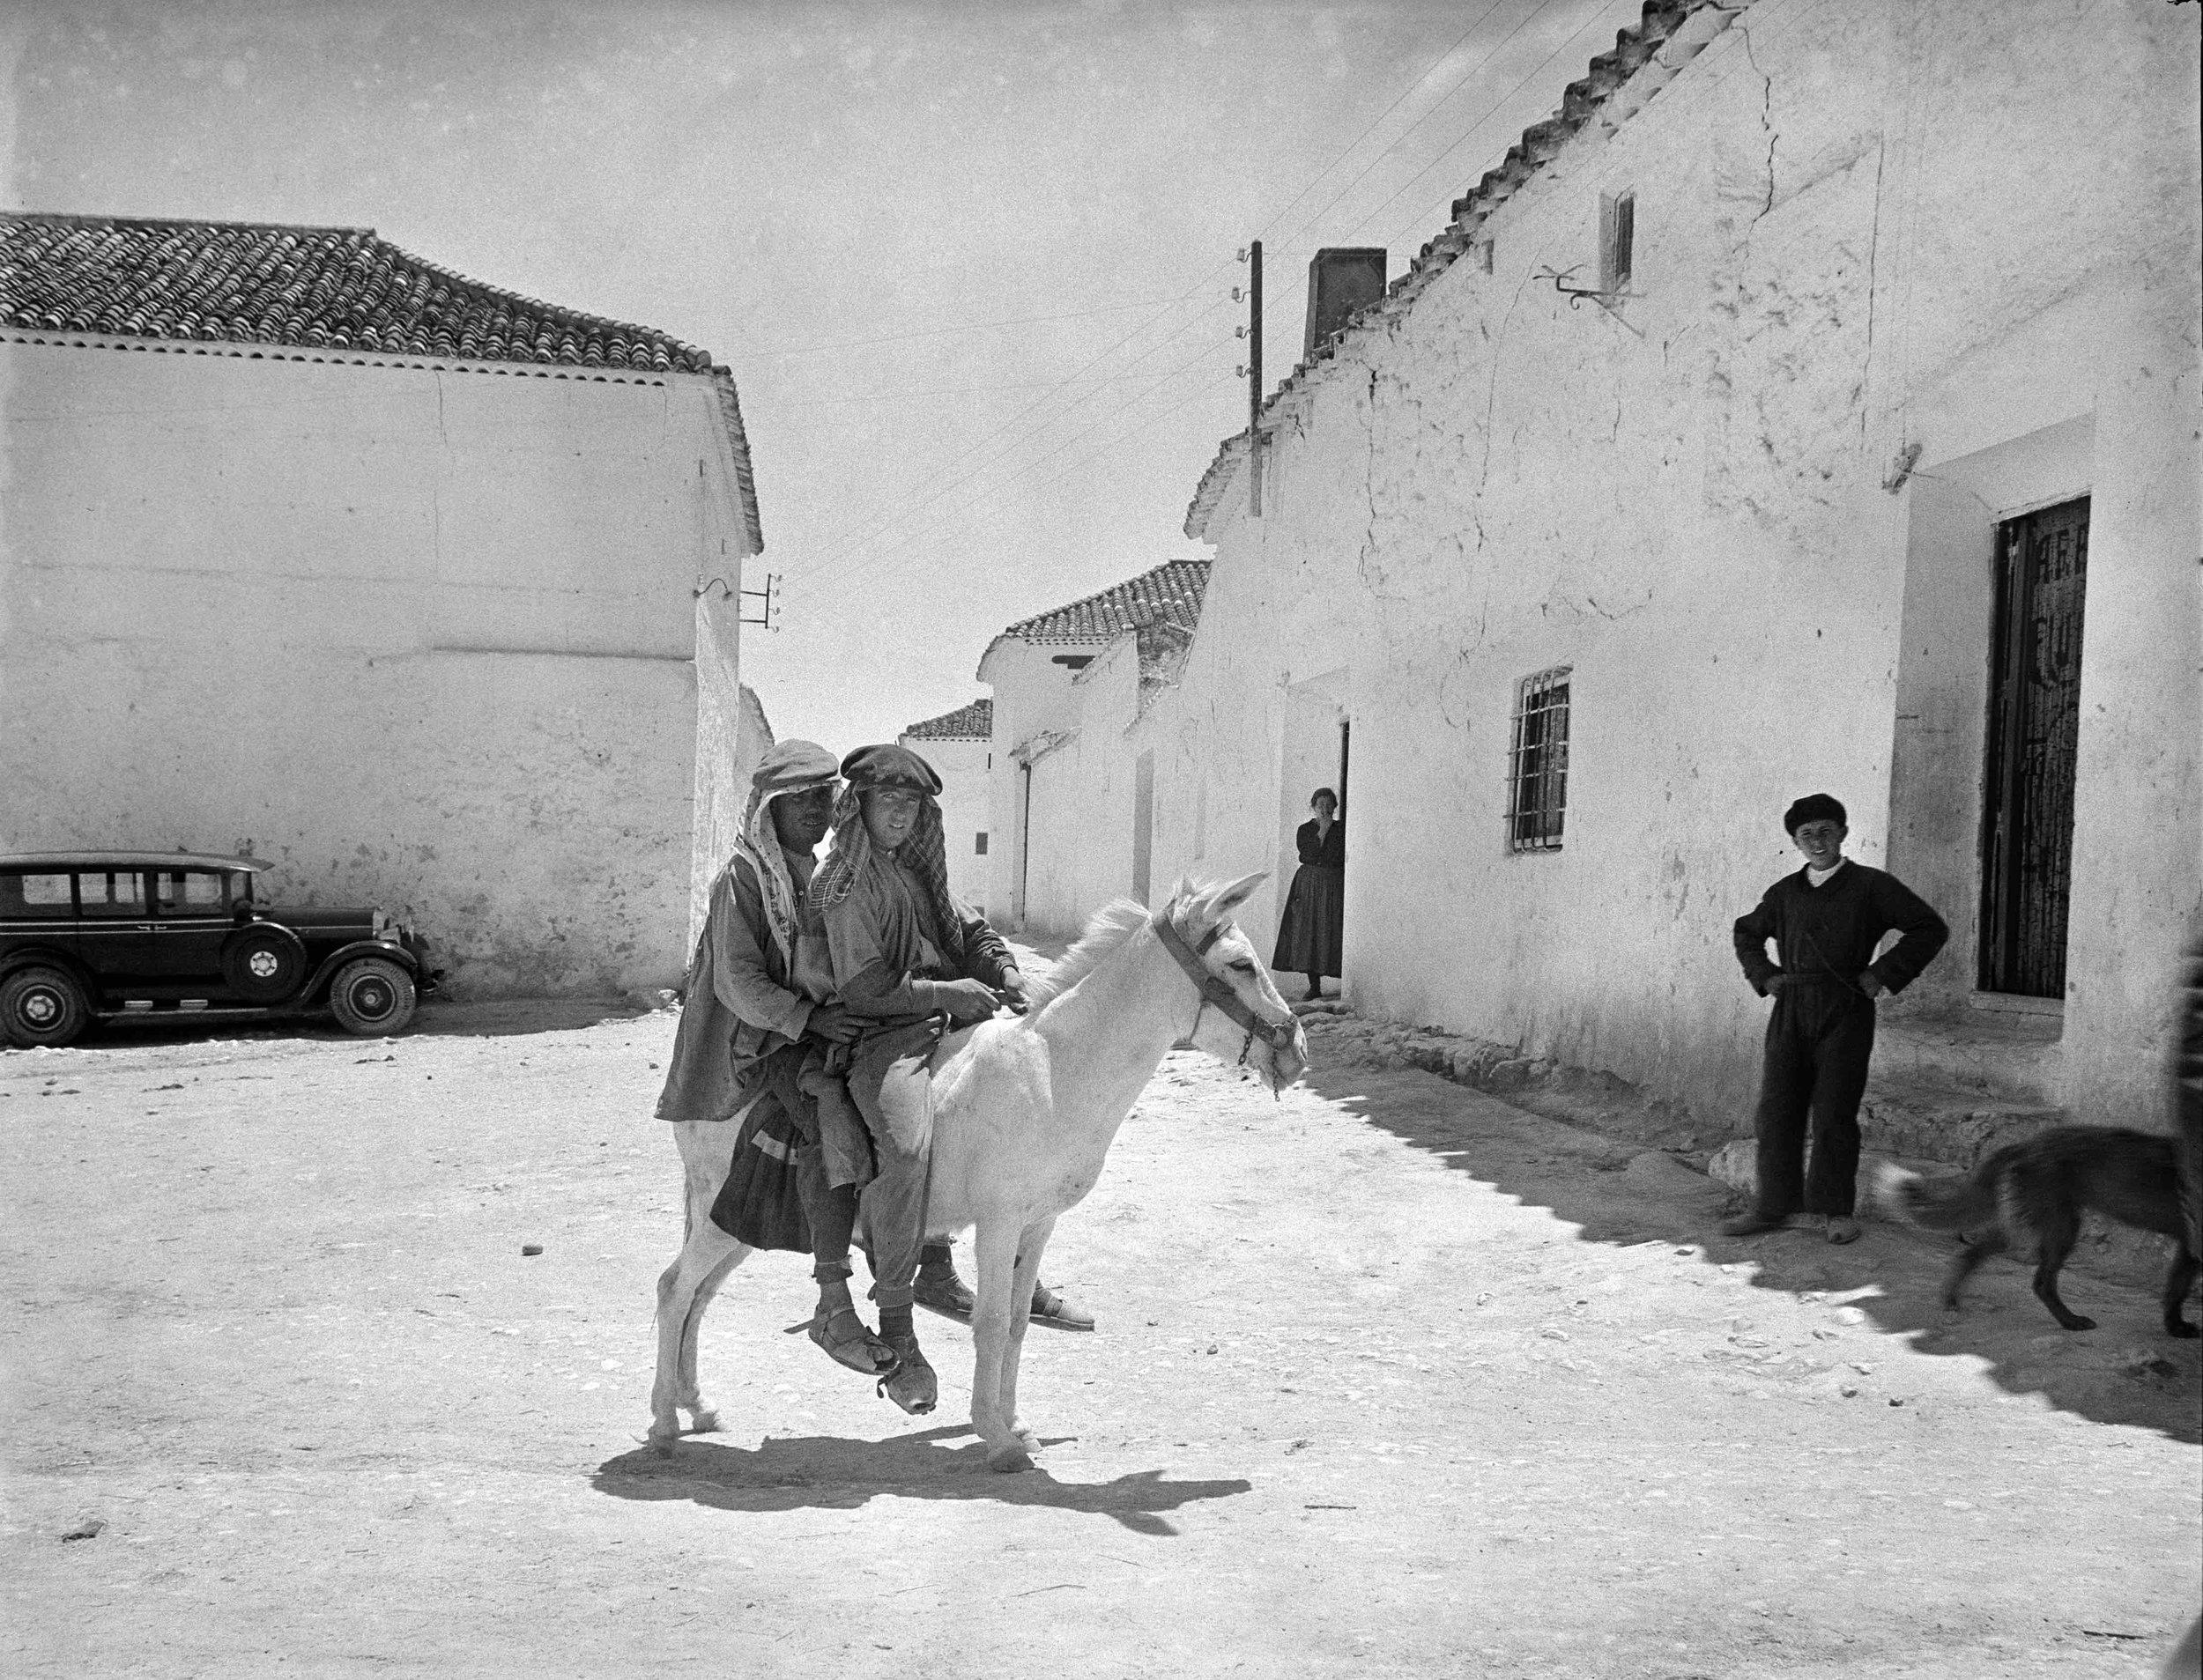 Otto WUNDERLICH. Calle de El Toboso. Toledo, hacia 1932. Instituto del Patrimonio Cultural de España. MECD